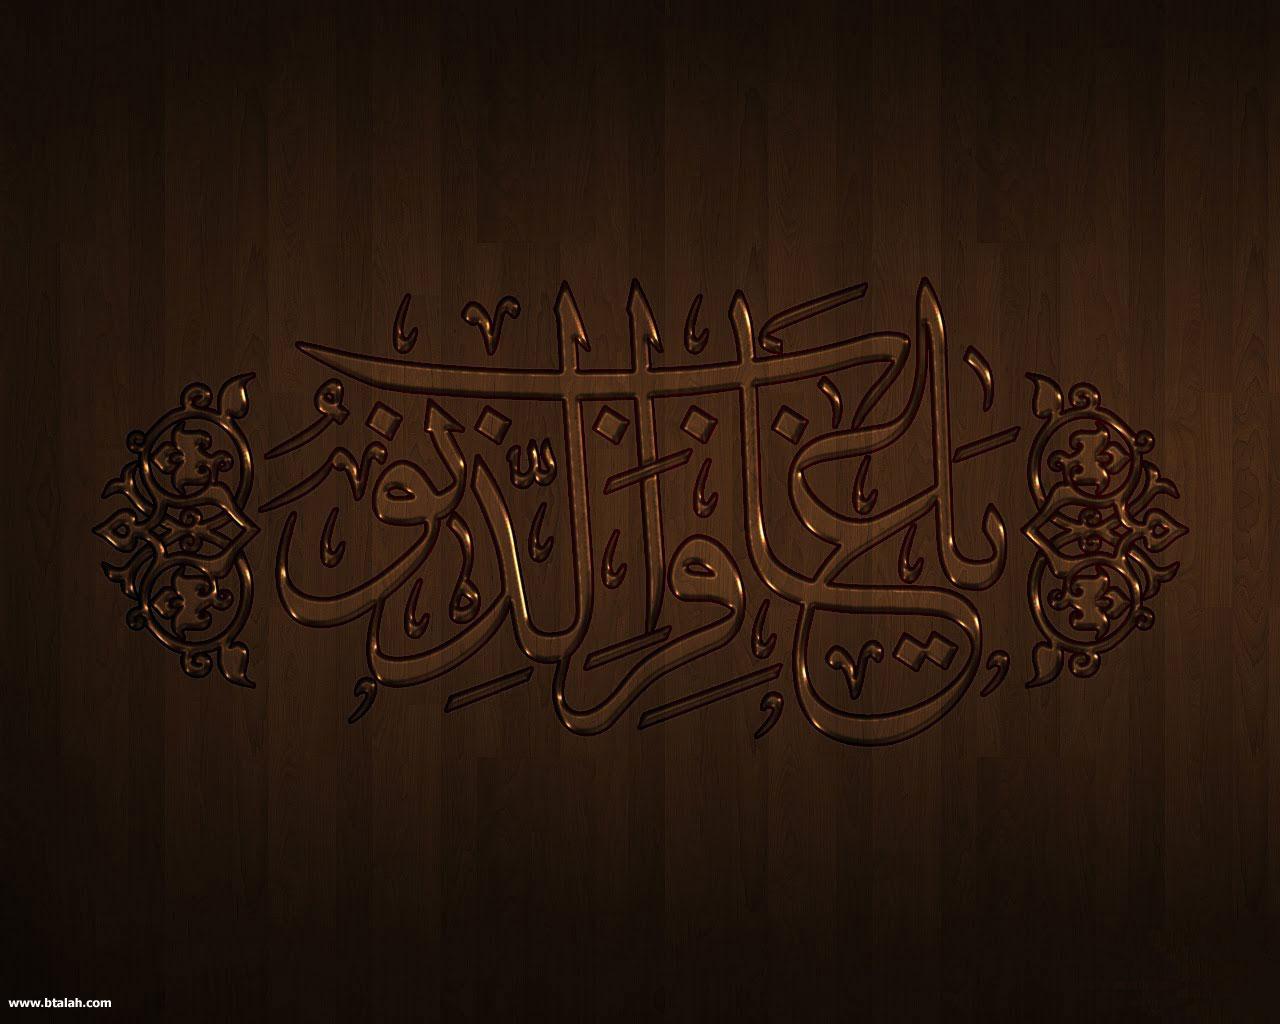 خلفيات اسلامية مميزة للغاية بدقة عالية Islamic_background8